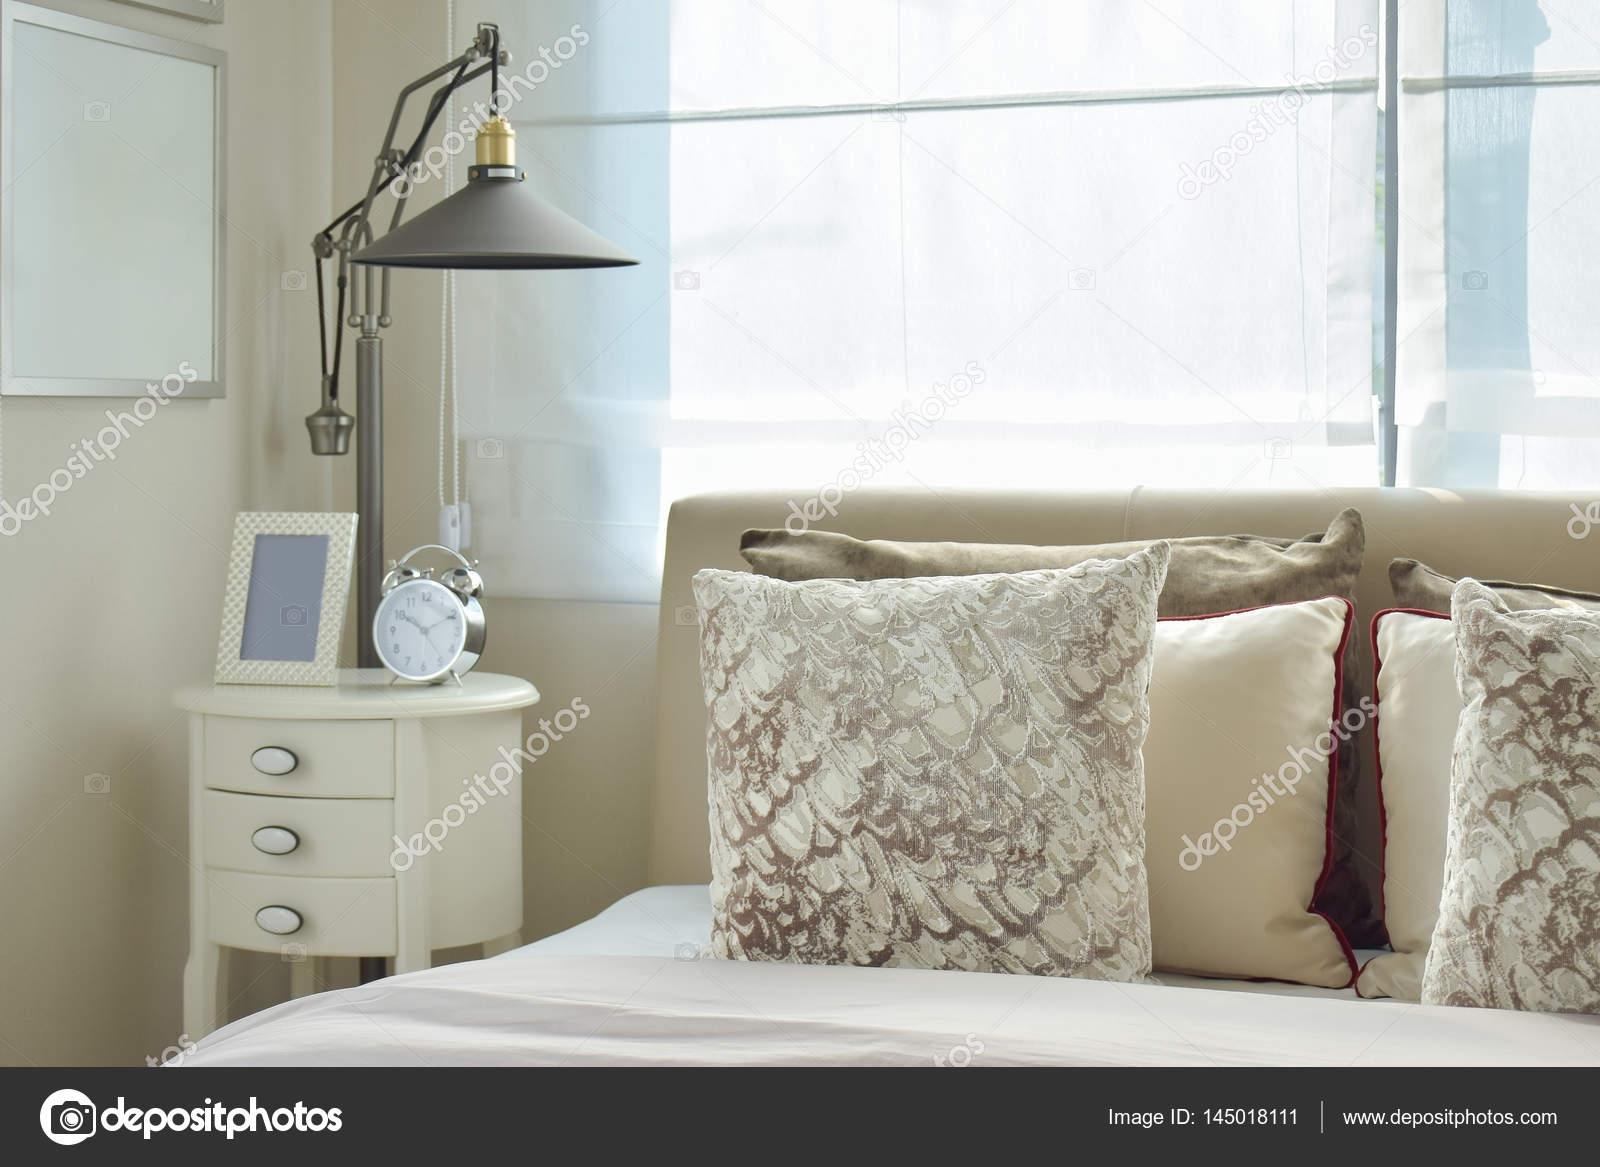 https://st3.depositphotos.com/6200870/14501/i/1600/depositphotos_145018111-stockafbeelding-luxe-slaapkamer-met-lamp-en.jpg